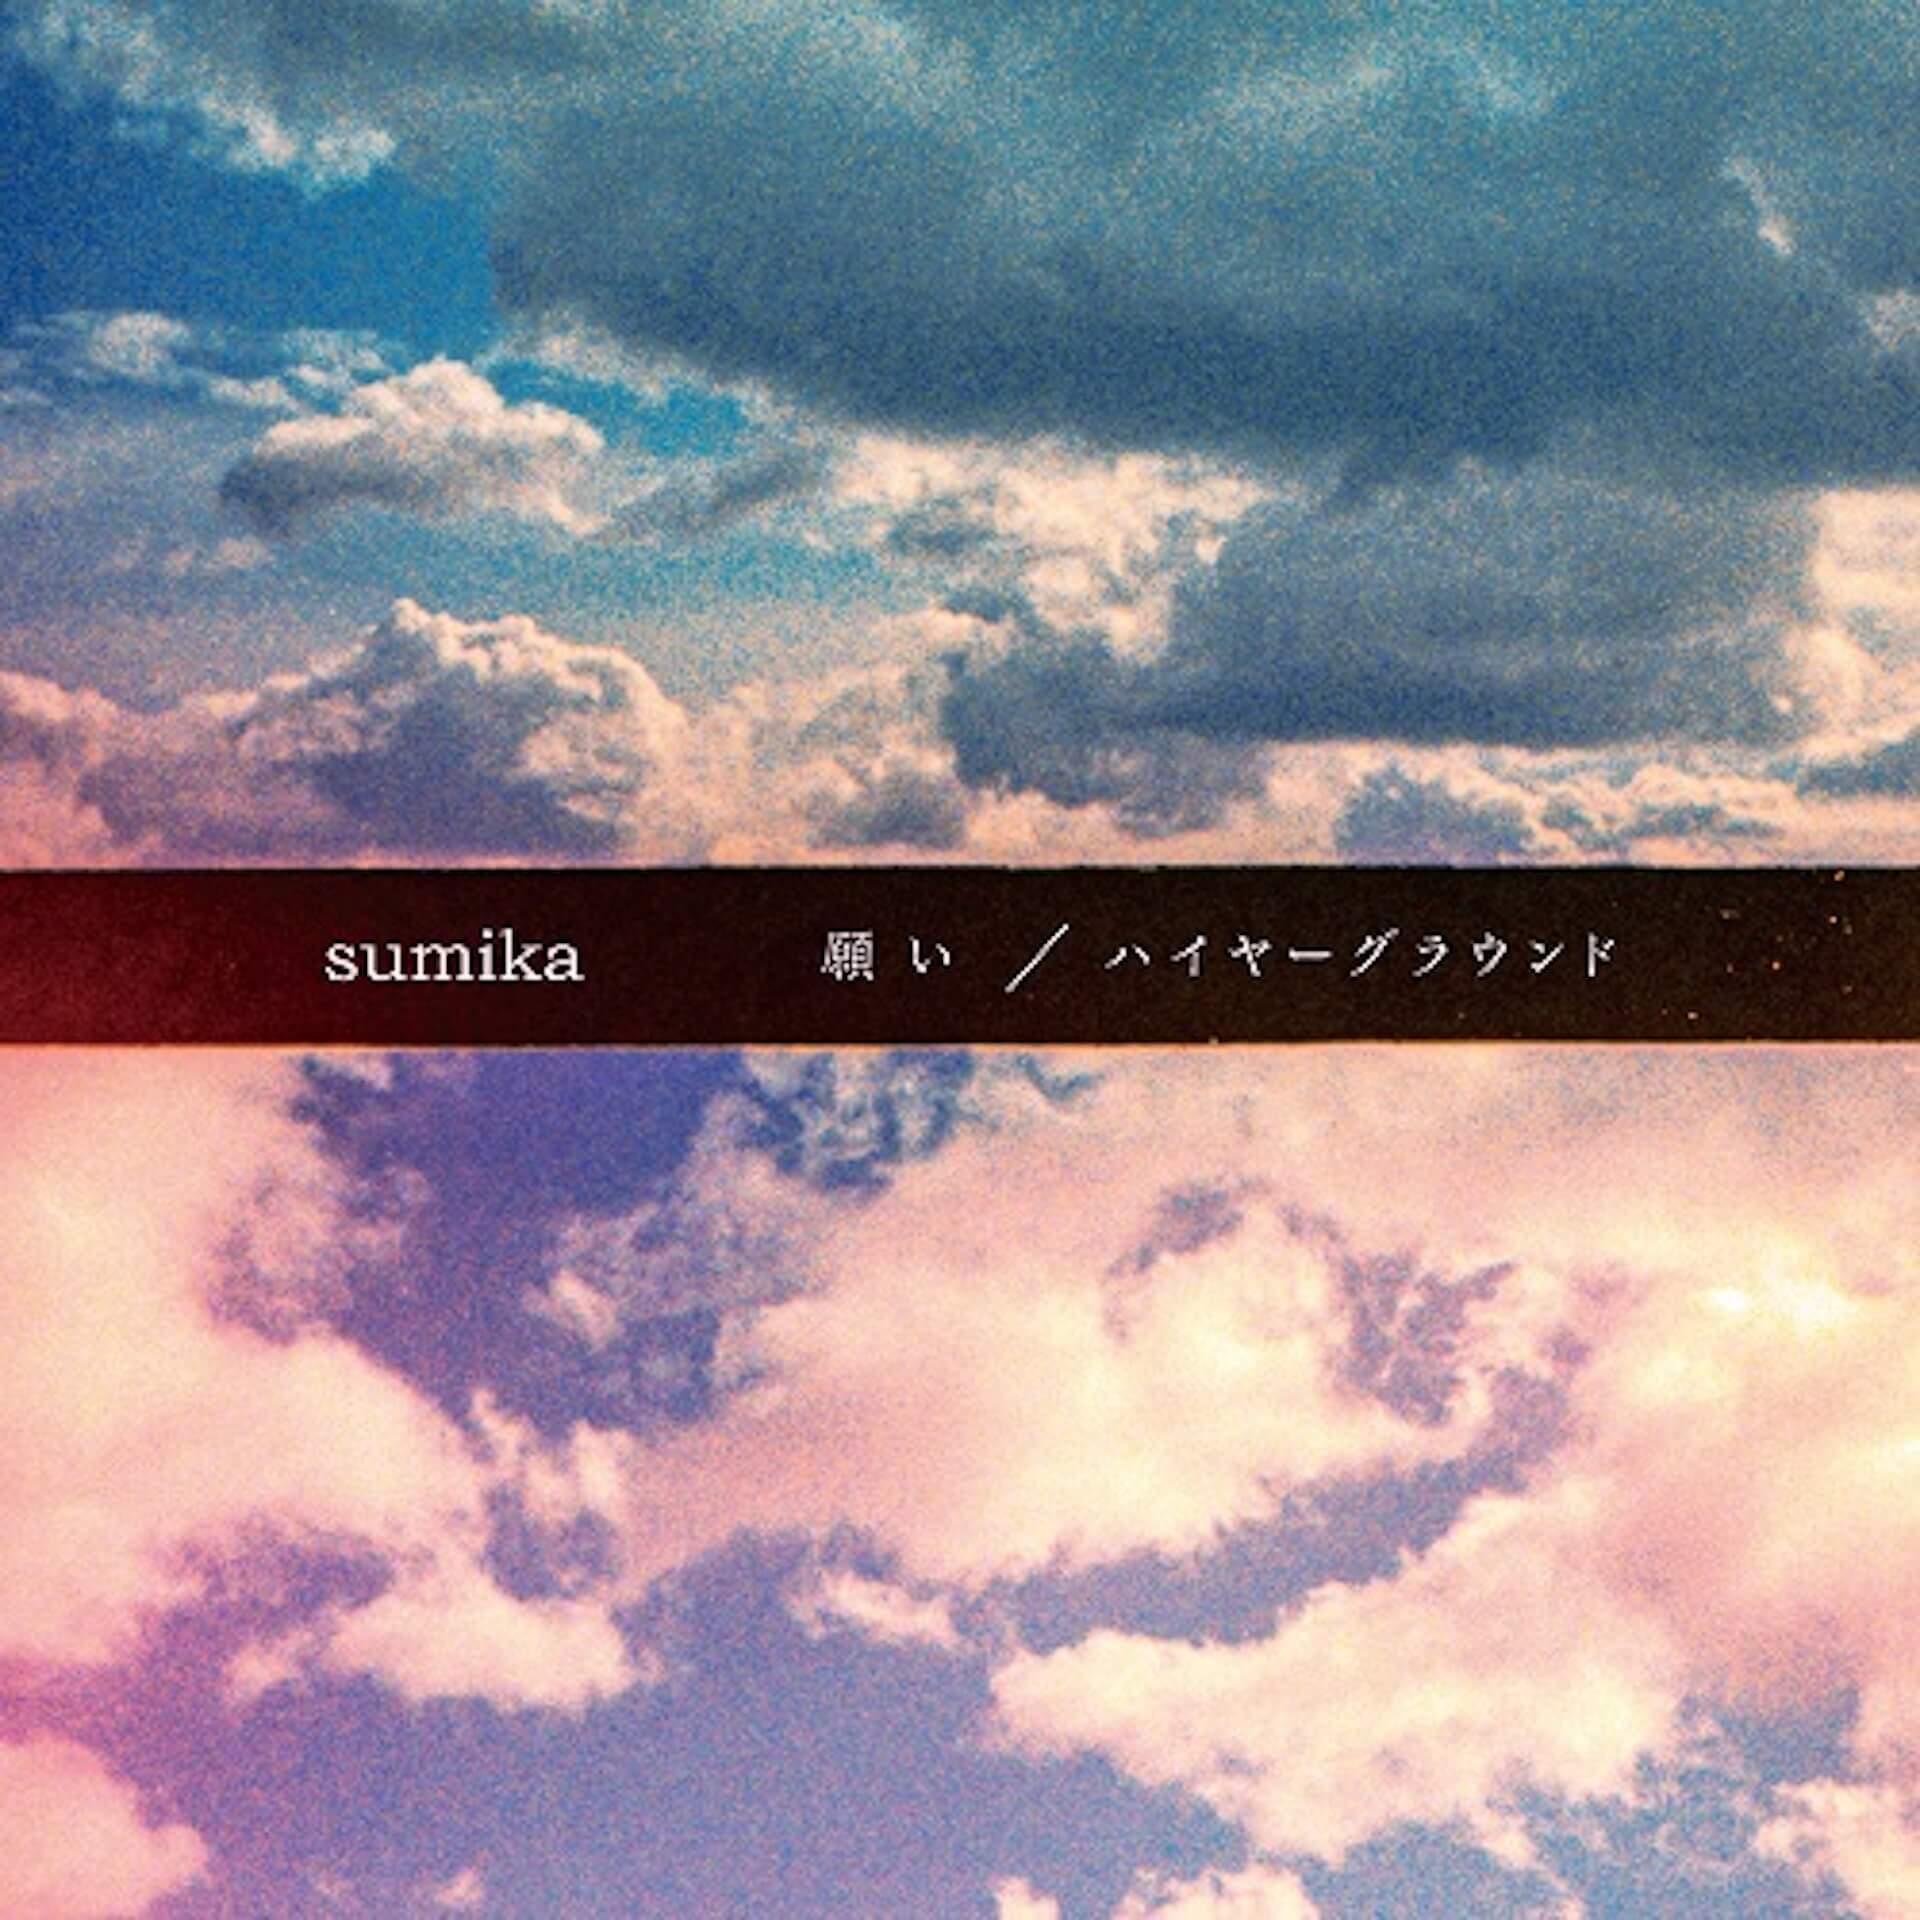 sumika全楽曲サブスク解禁!『おっさんずラブ』主題歌となった新曲「願い」の先行配信も決定 music_191115_sumika_1